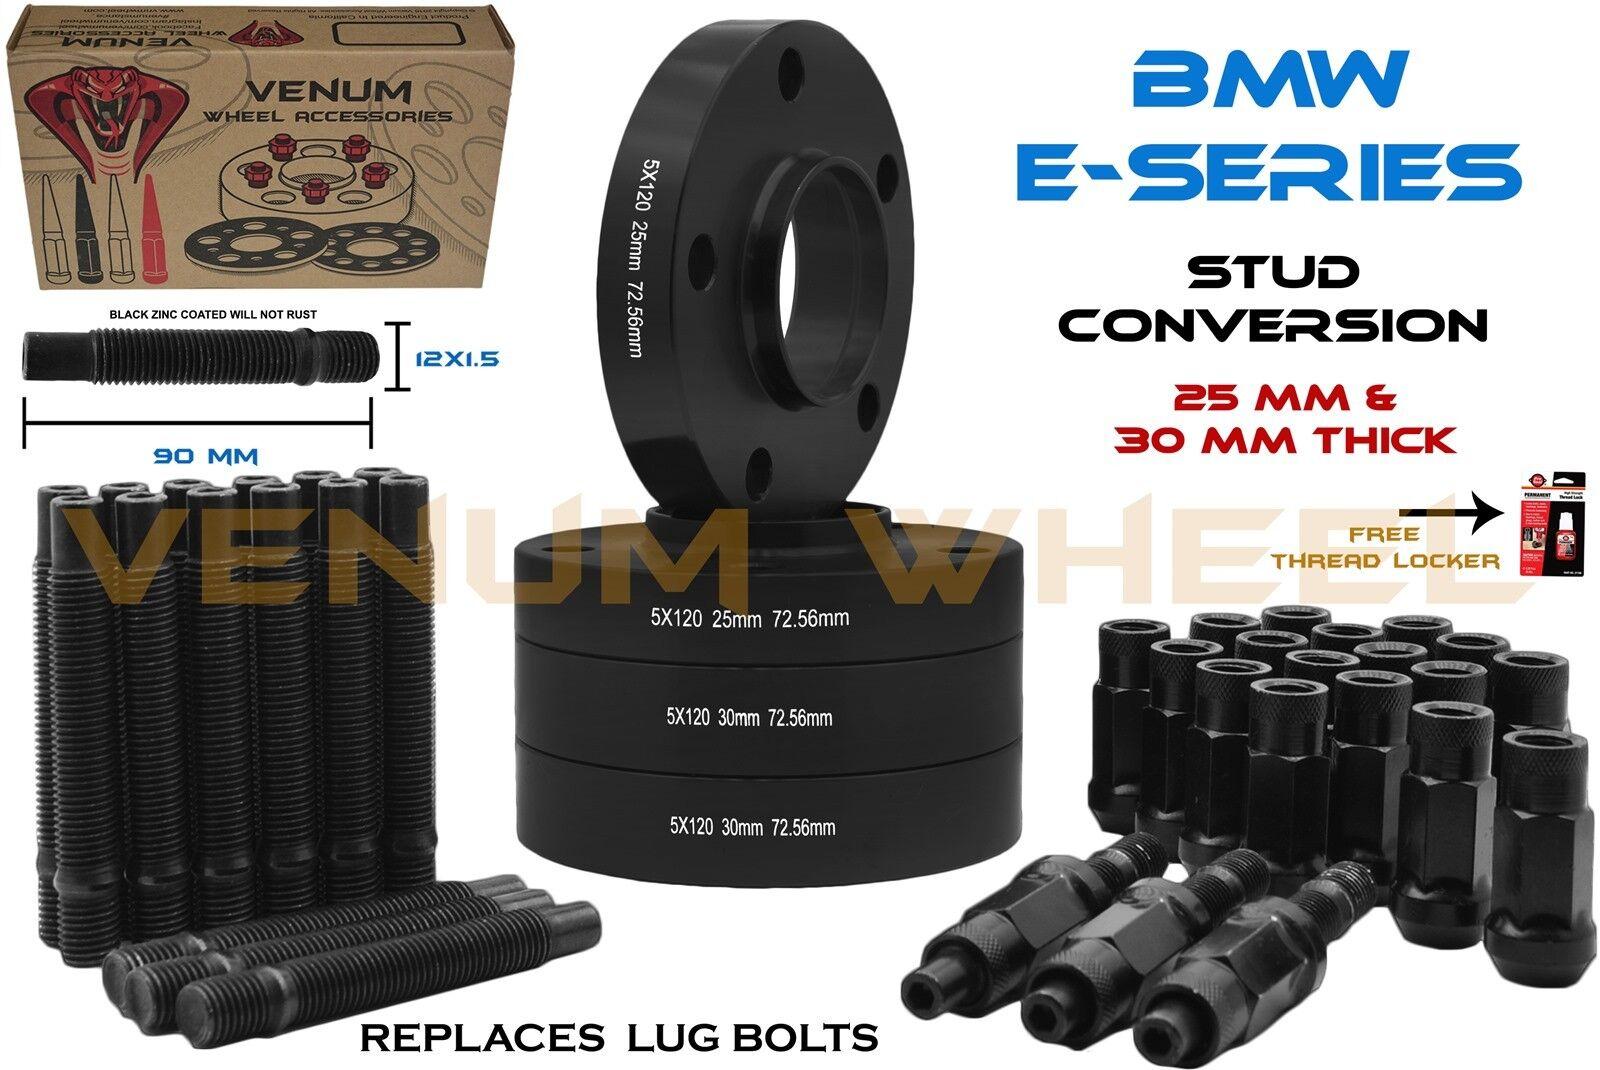 10 X M12X1.5 BLACK ALLOY WHEEL STUDS CONVERSION STUDS 90mm FITS BMW 72.6 2